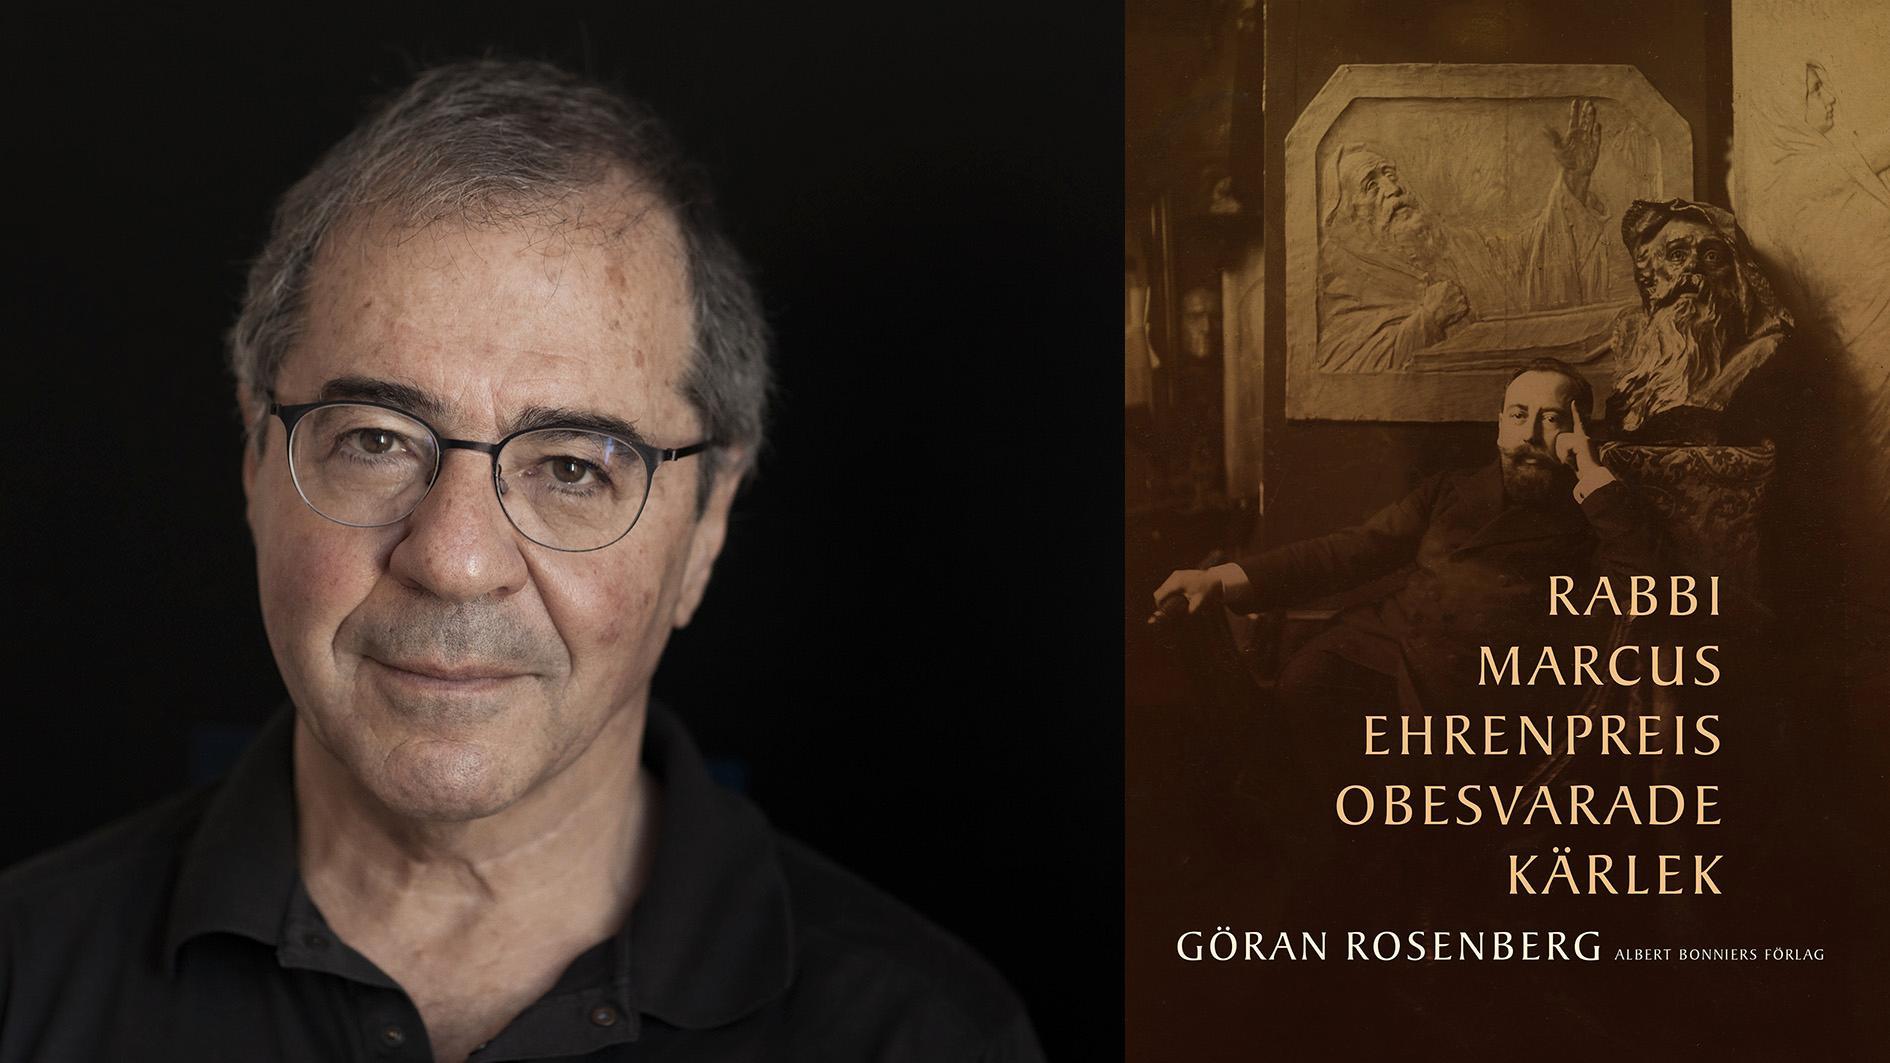 Göran Rosenberg (född 1948) är journalist och författare. Han har tidigare varit chefredaktör för Moderna Tider och tilldelades 2003 Aftonbladets Liffnerstipendium.